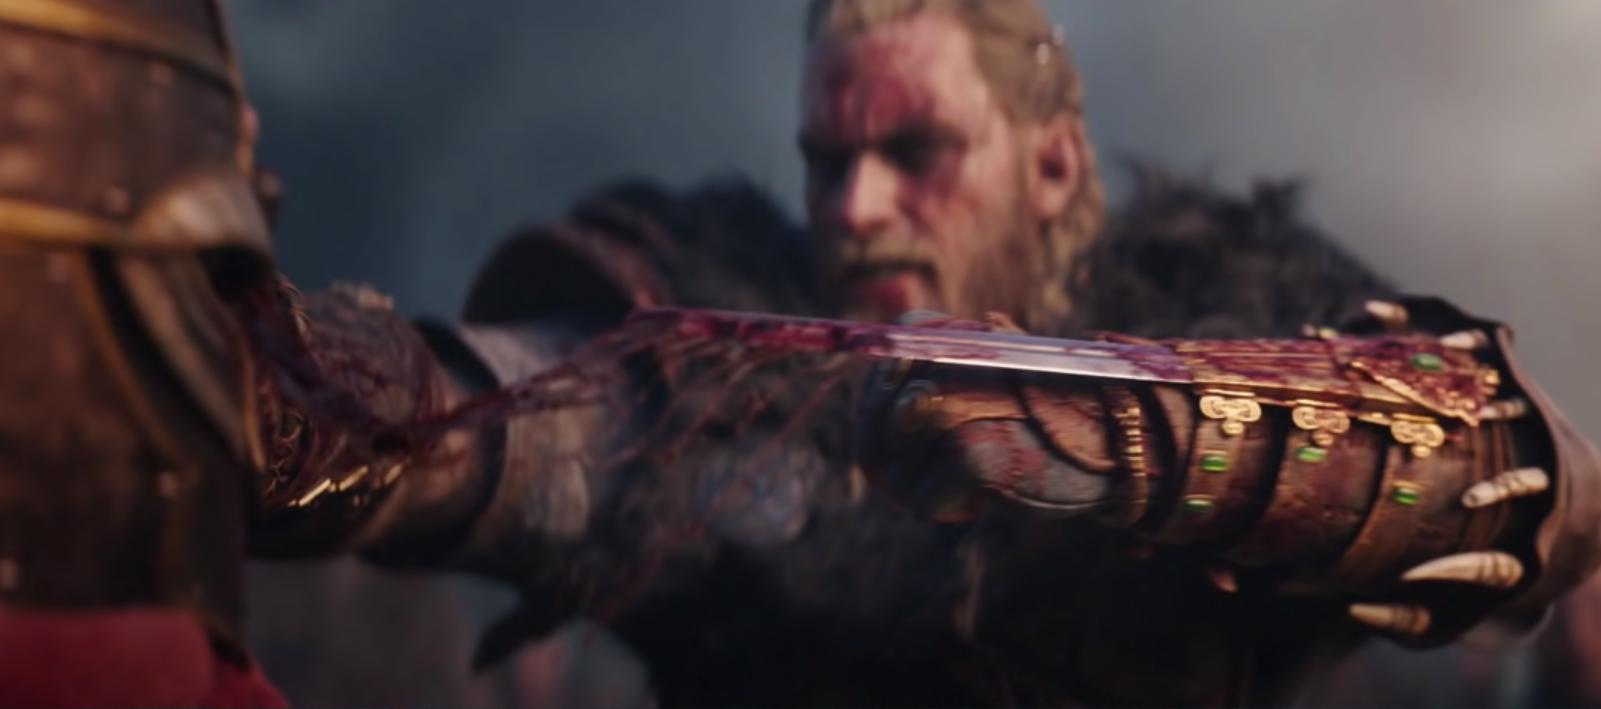 Assassin S Creed Valhalla Will Bring Back The Instakill Hidden